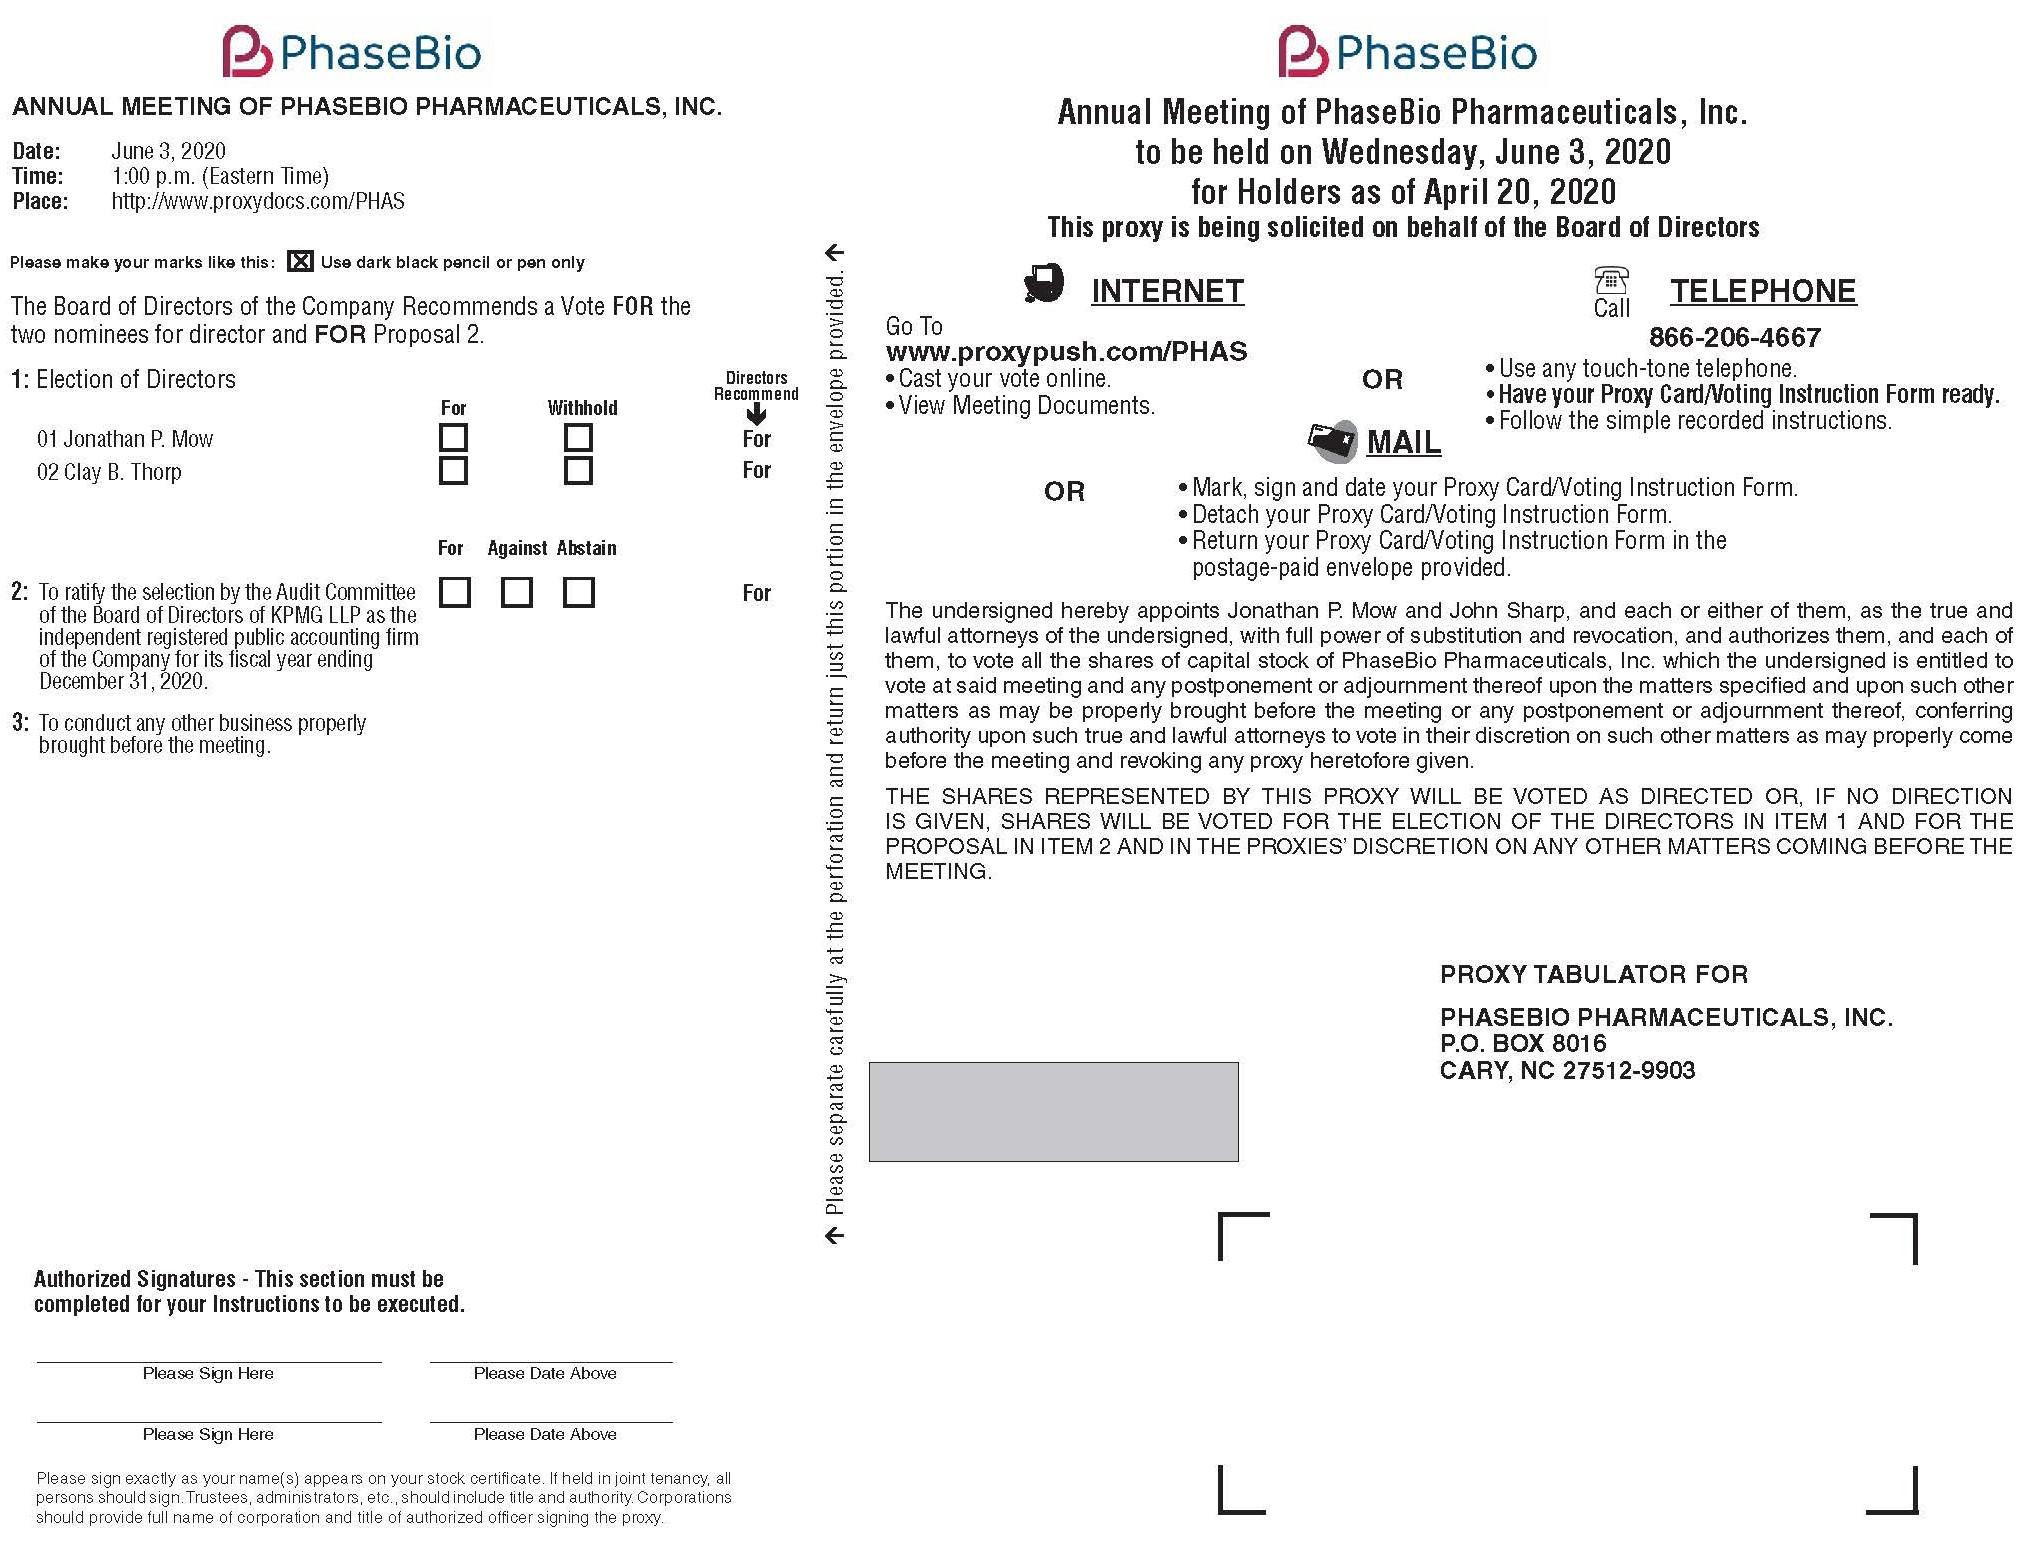 proxycardpage1.jpg